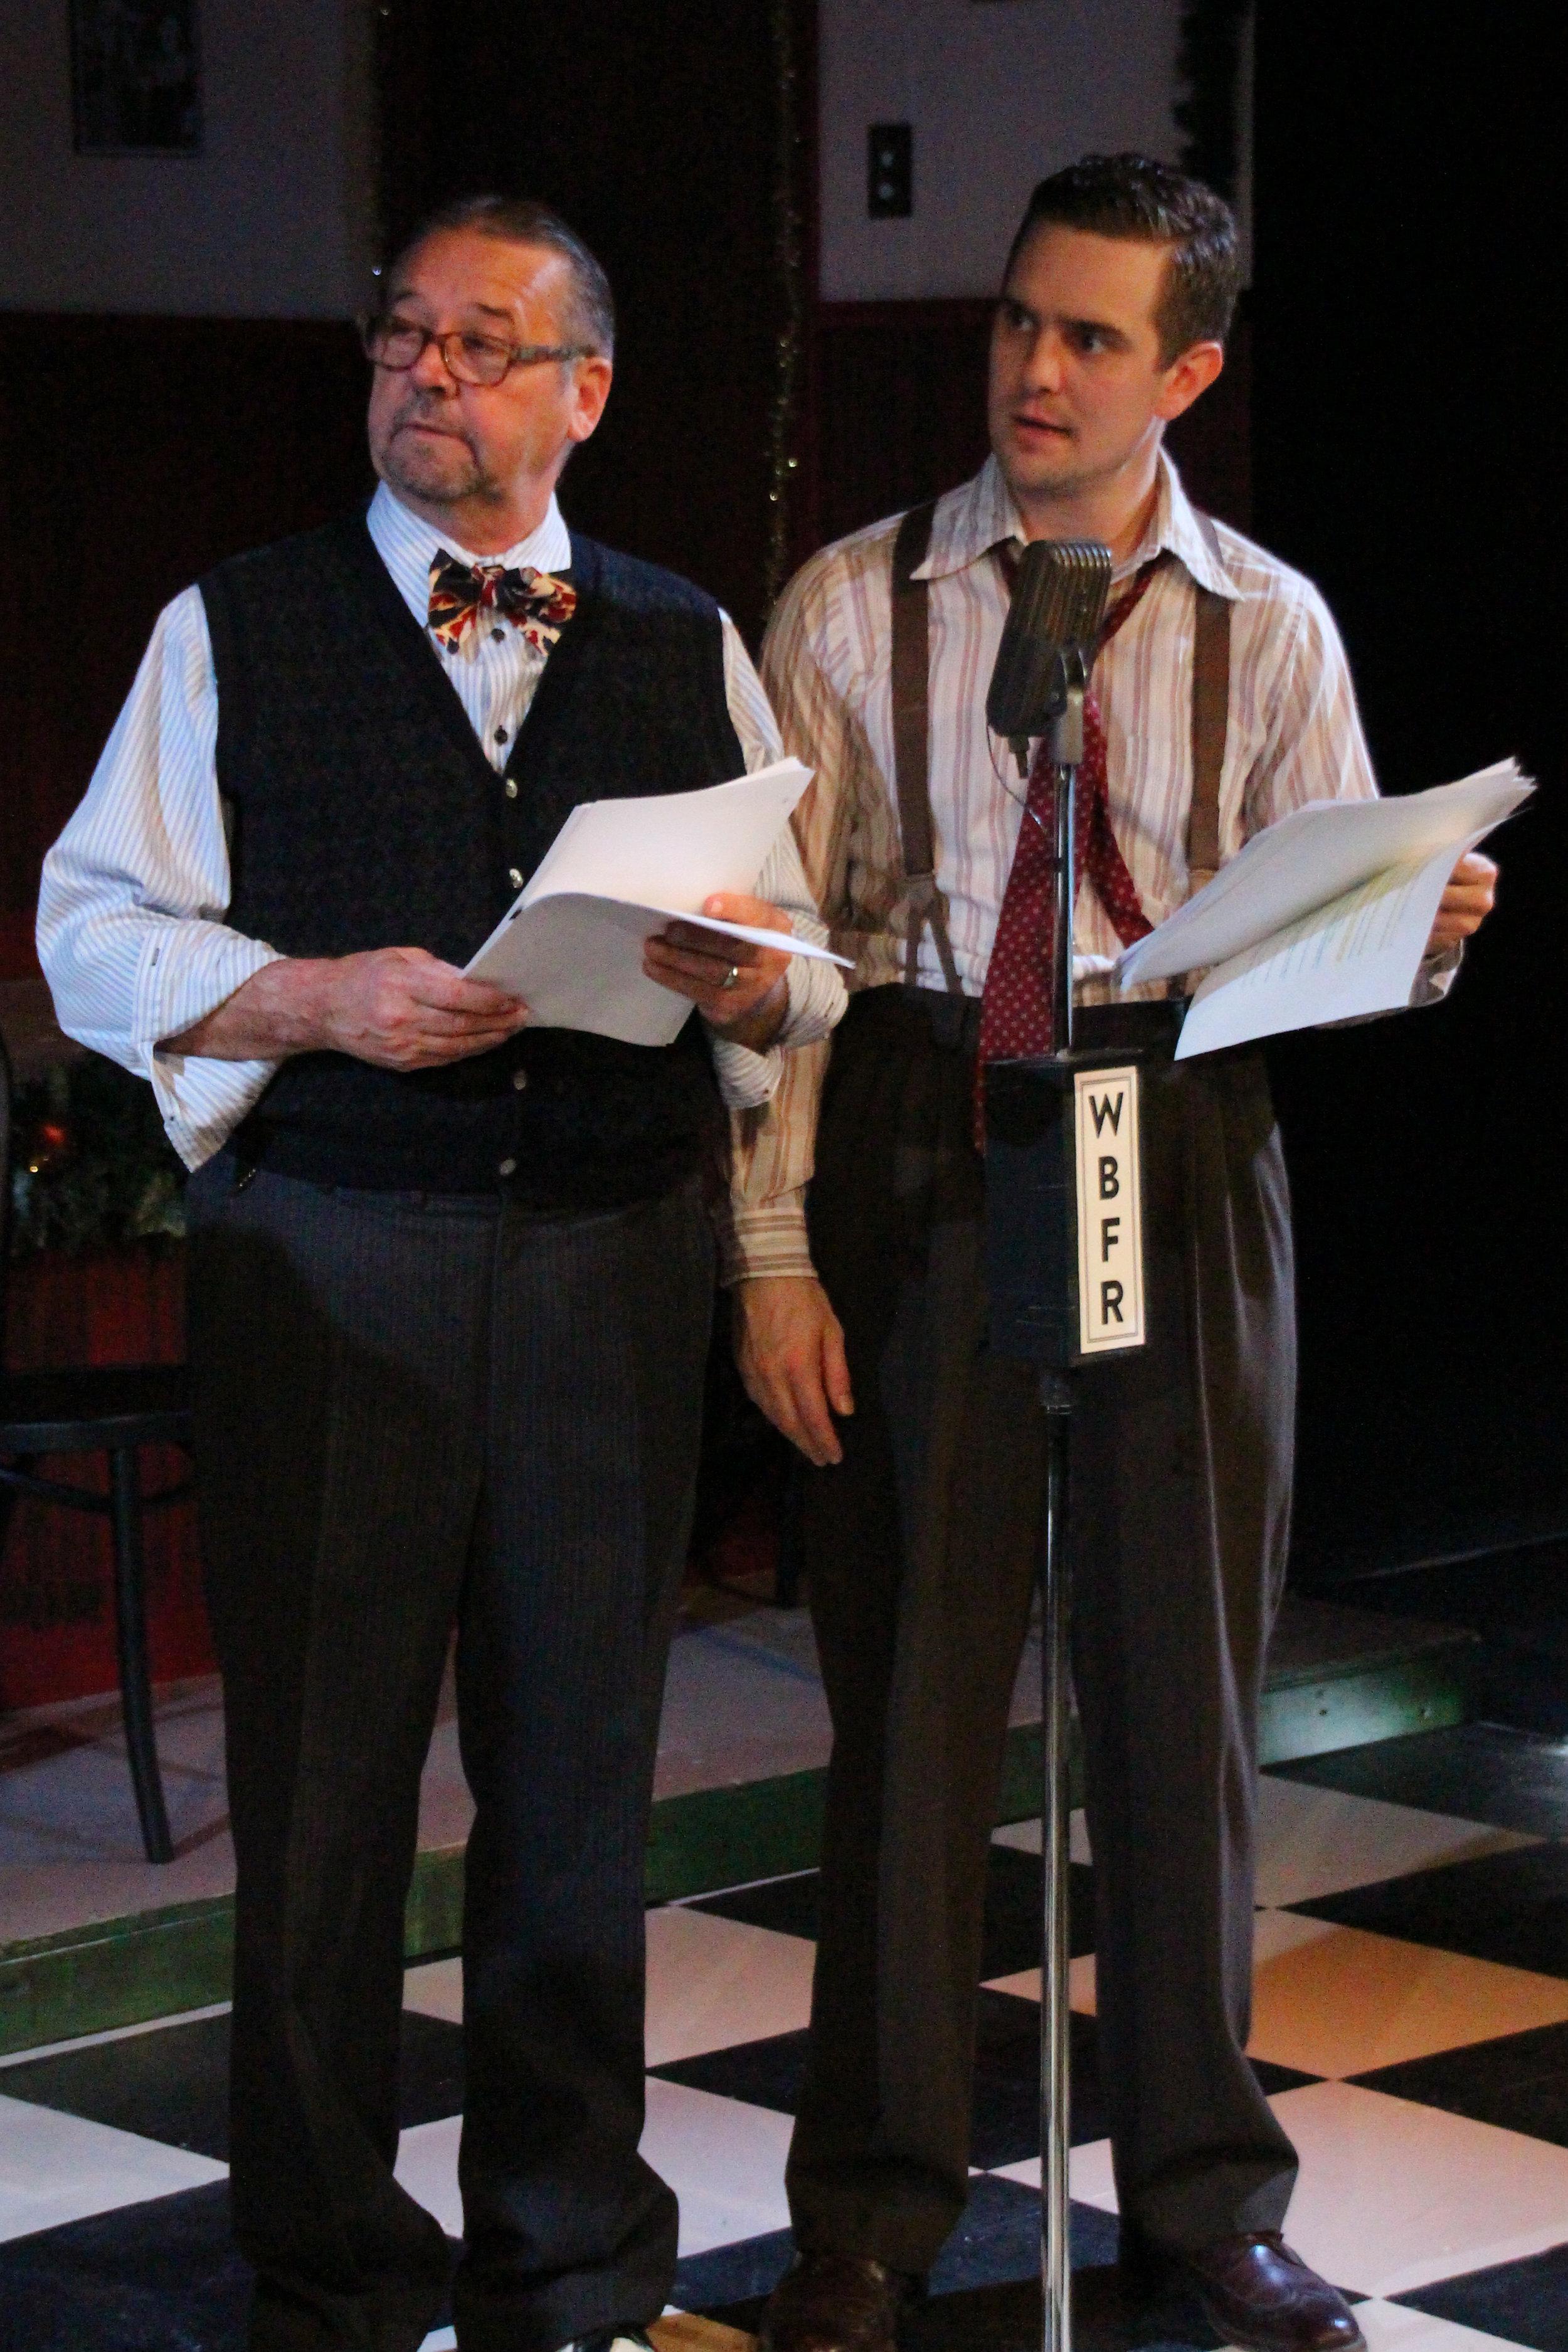 Jim Schilling and Jon-Michael Miller